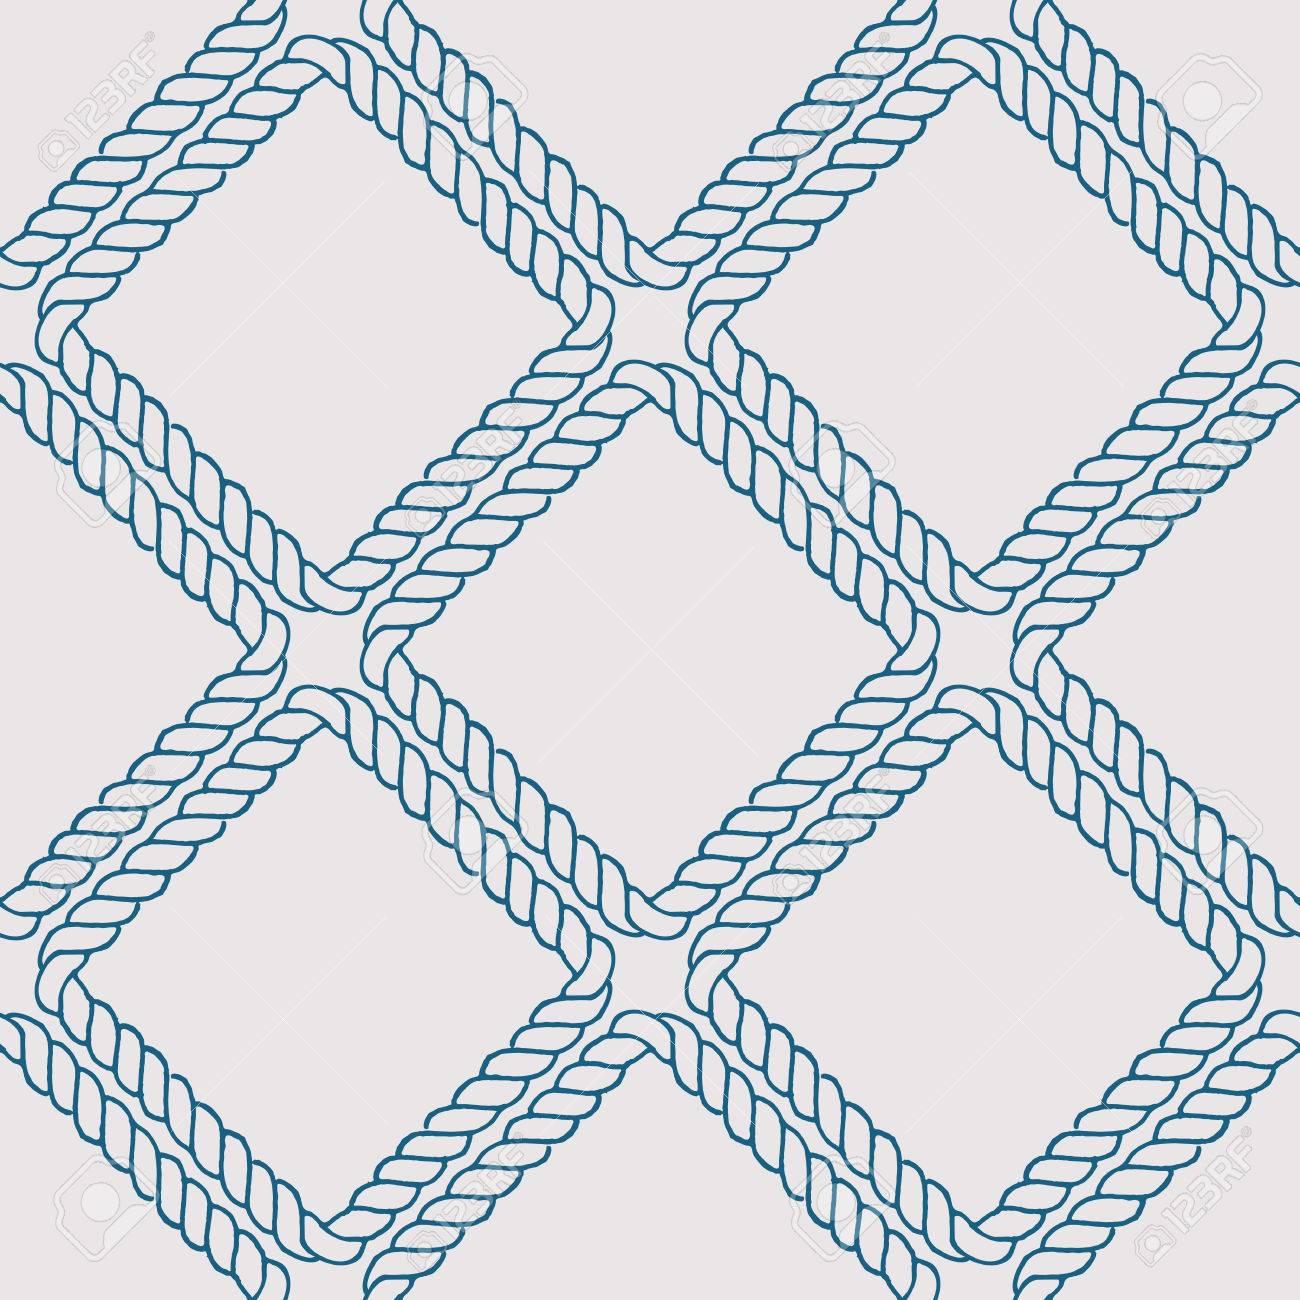 Vettoriale Senza Soluzione Di Continuità Nautica Modello Corda